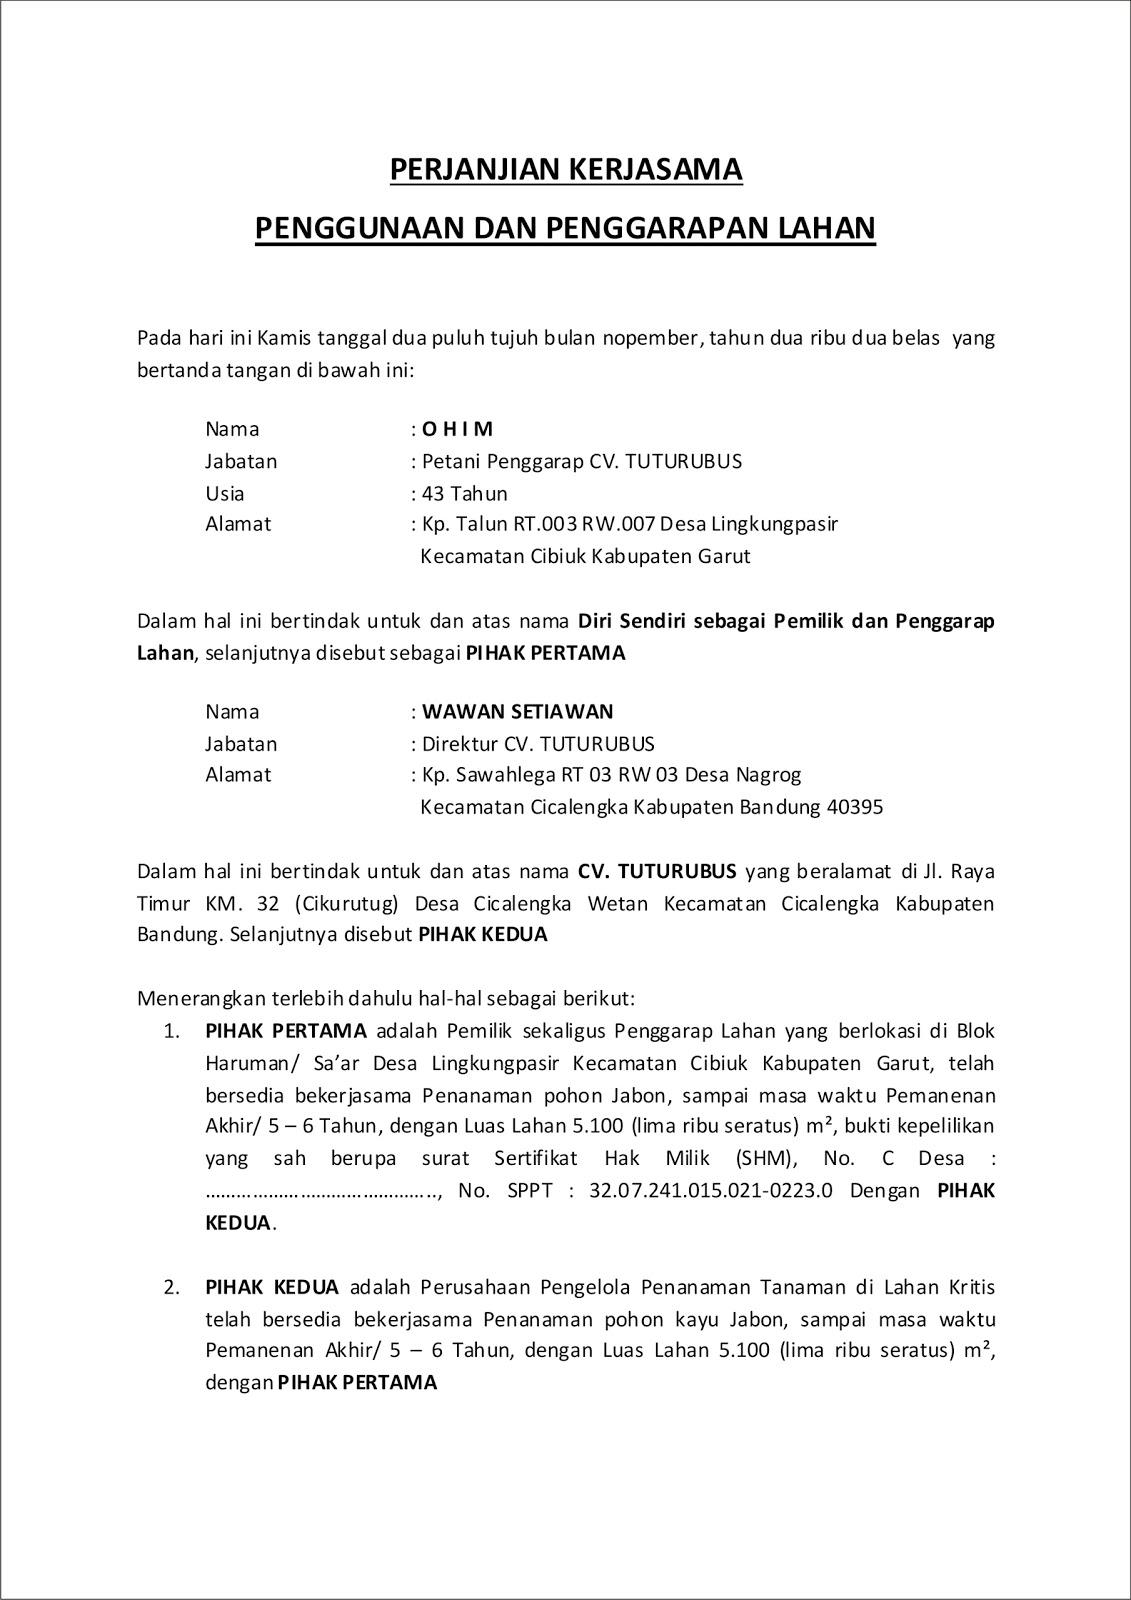 Contoh Surat Mou Perjanjian Kerjasama Antar Perpustakaan